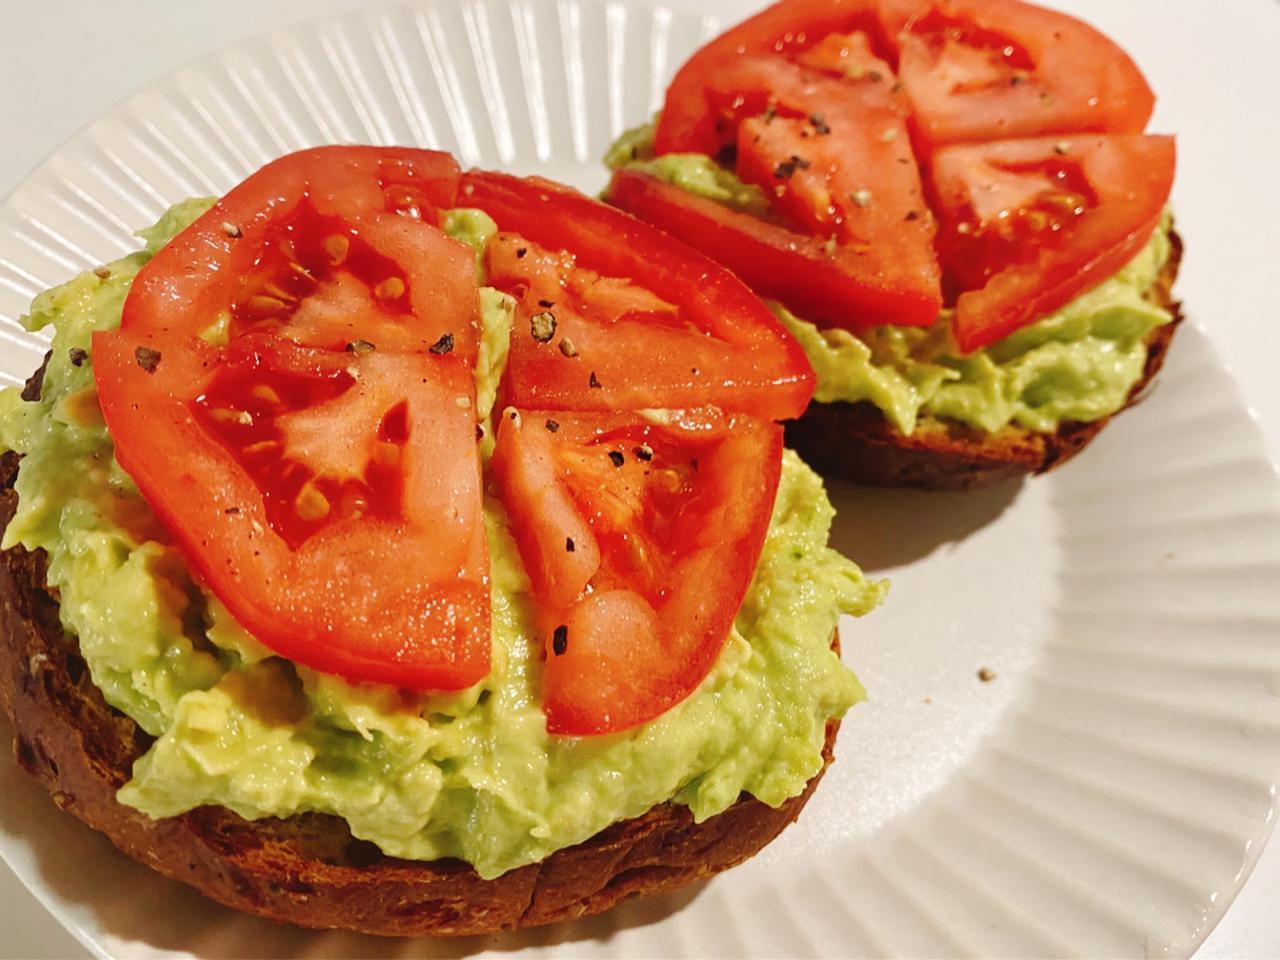 画像: 【夏レシピ】ヘルシー&栄養満点のトマトを使った卵、アボカド、チーズ、なすのレシピをご紹介! - ハピキャン(HAPPY CAMPER)